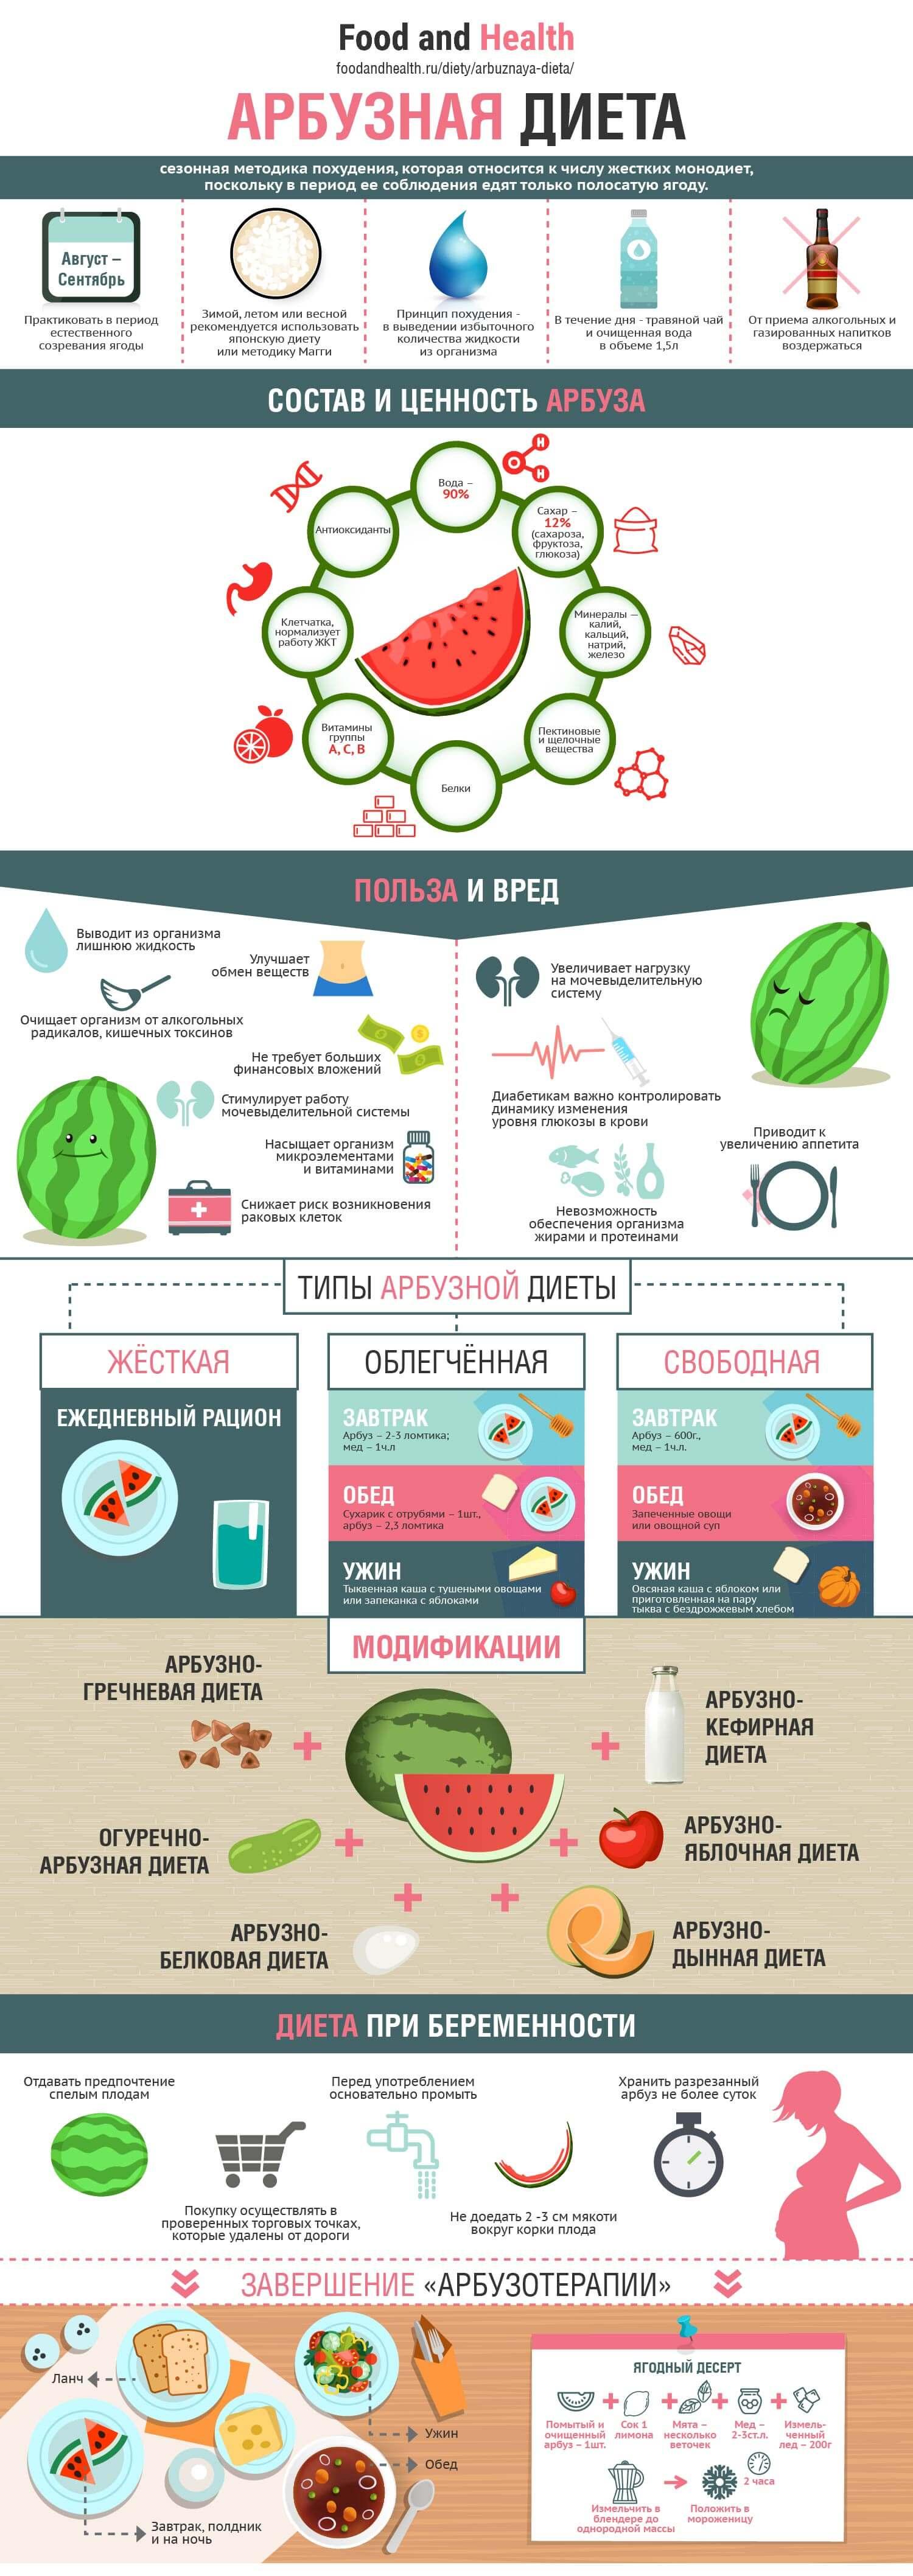 Арбузная диета - инфографика